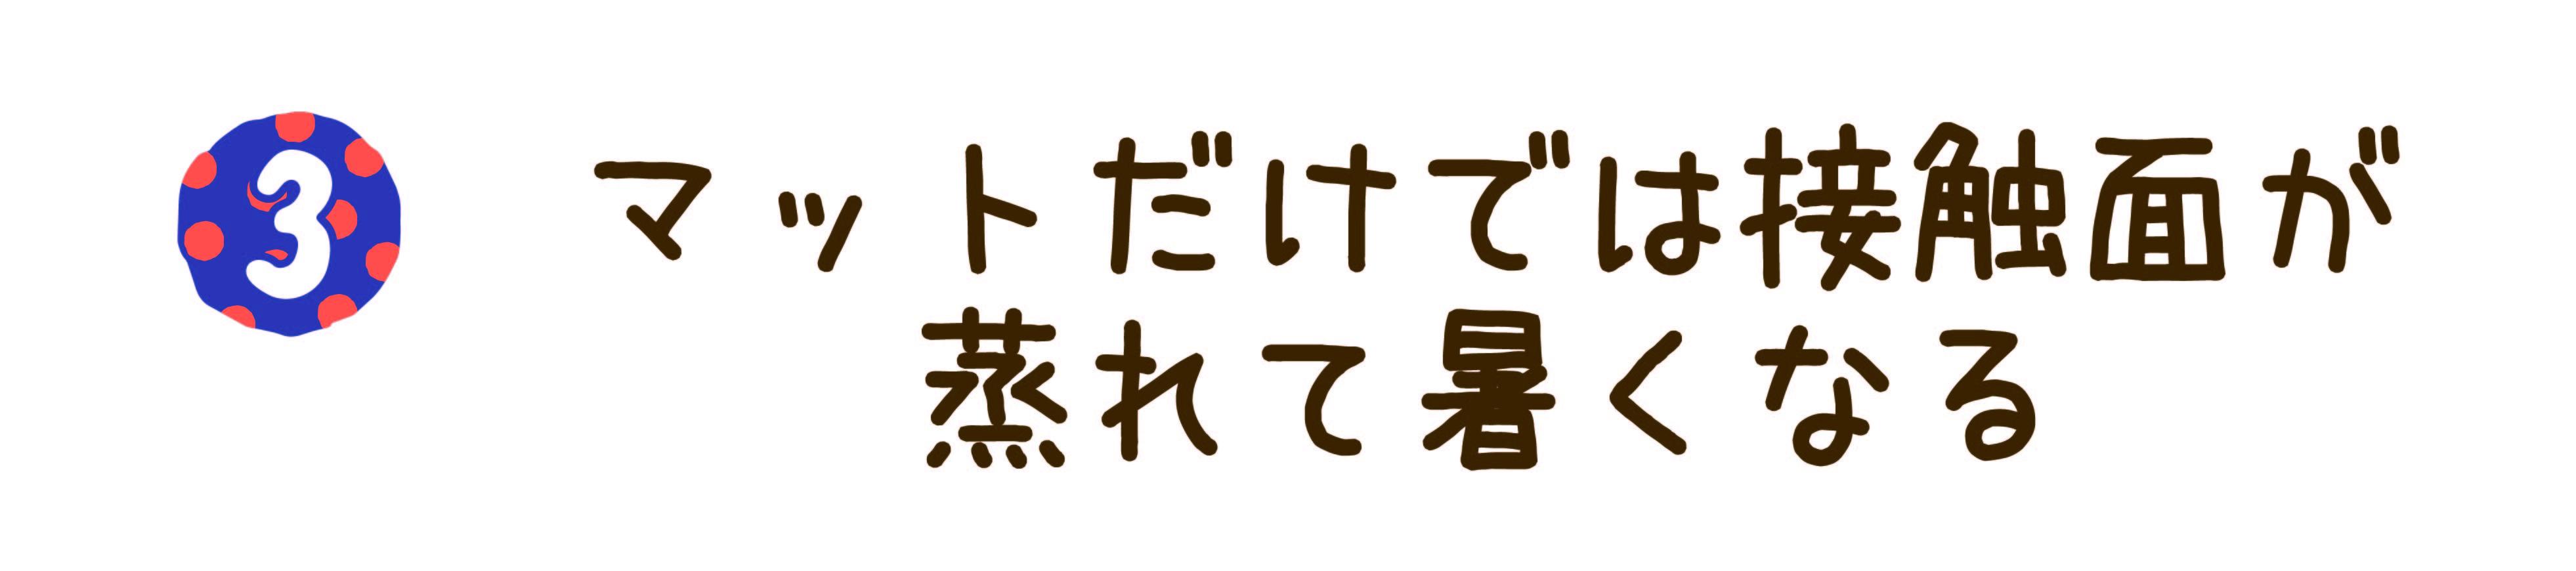 #003まとめ-04